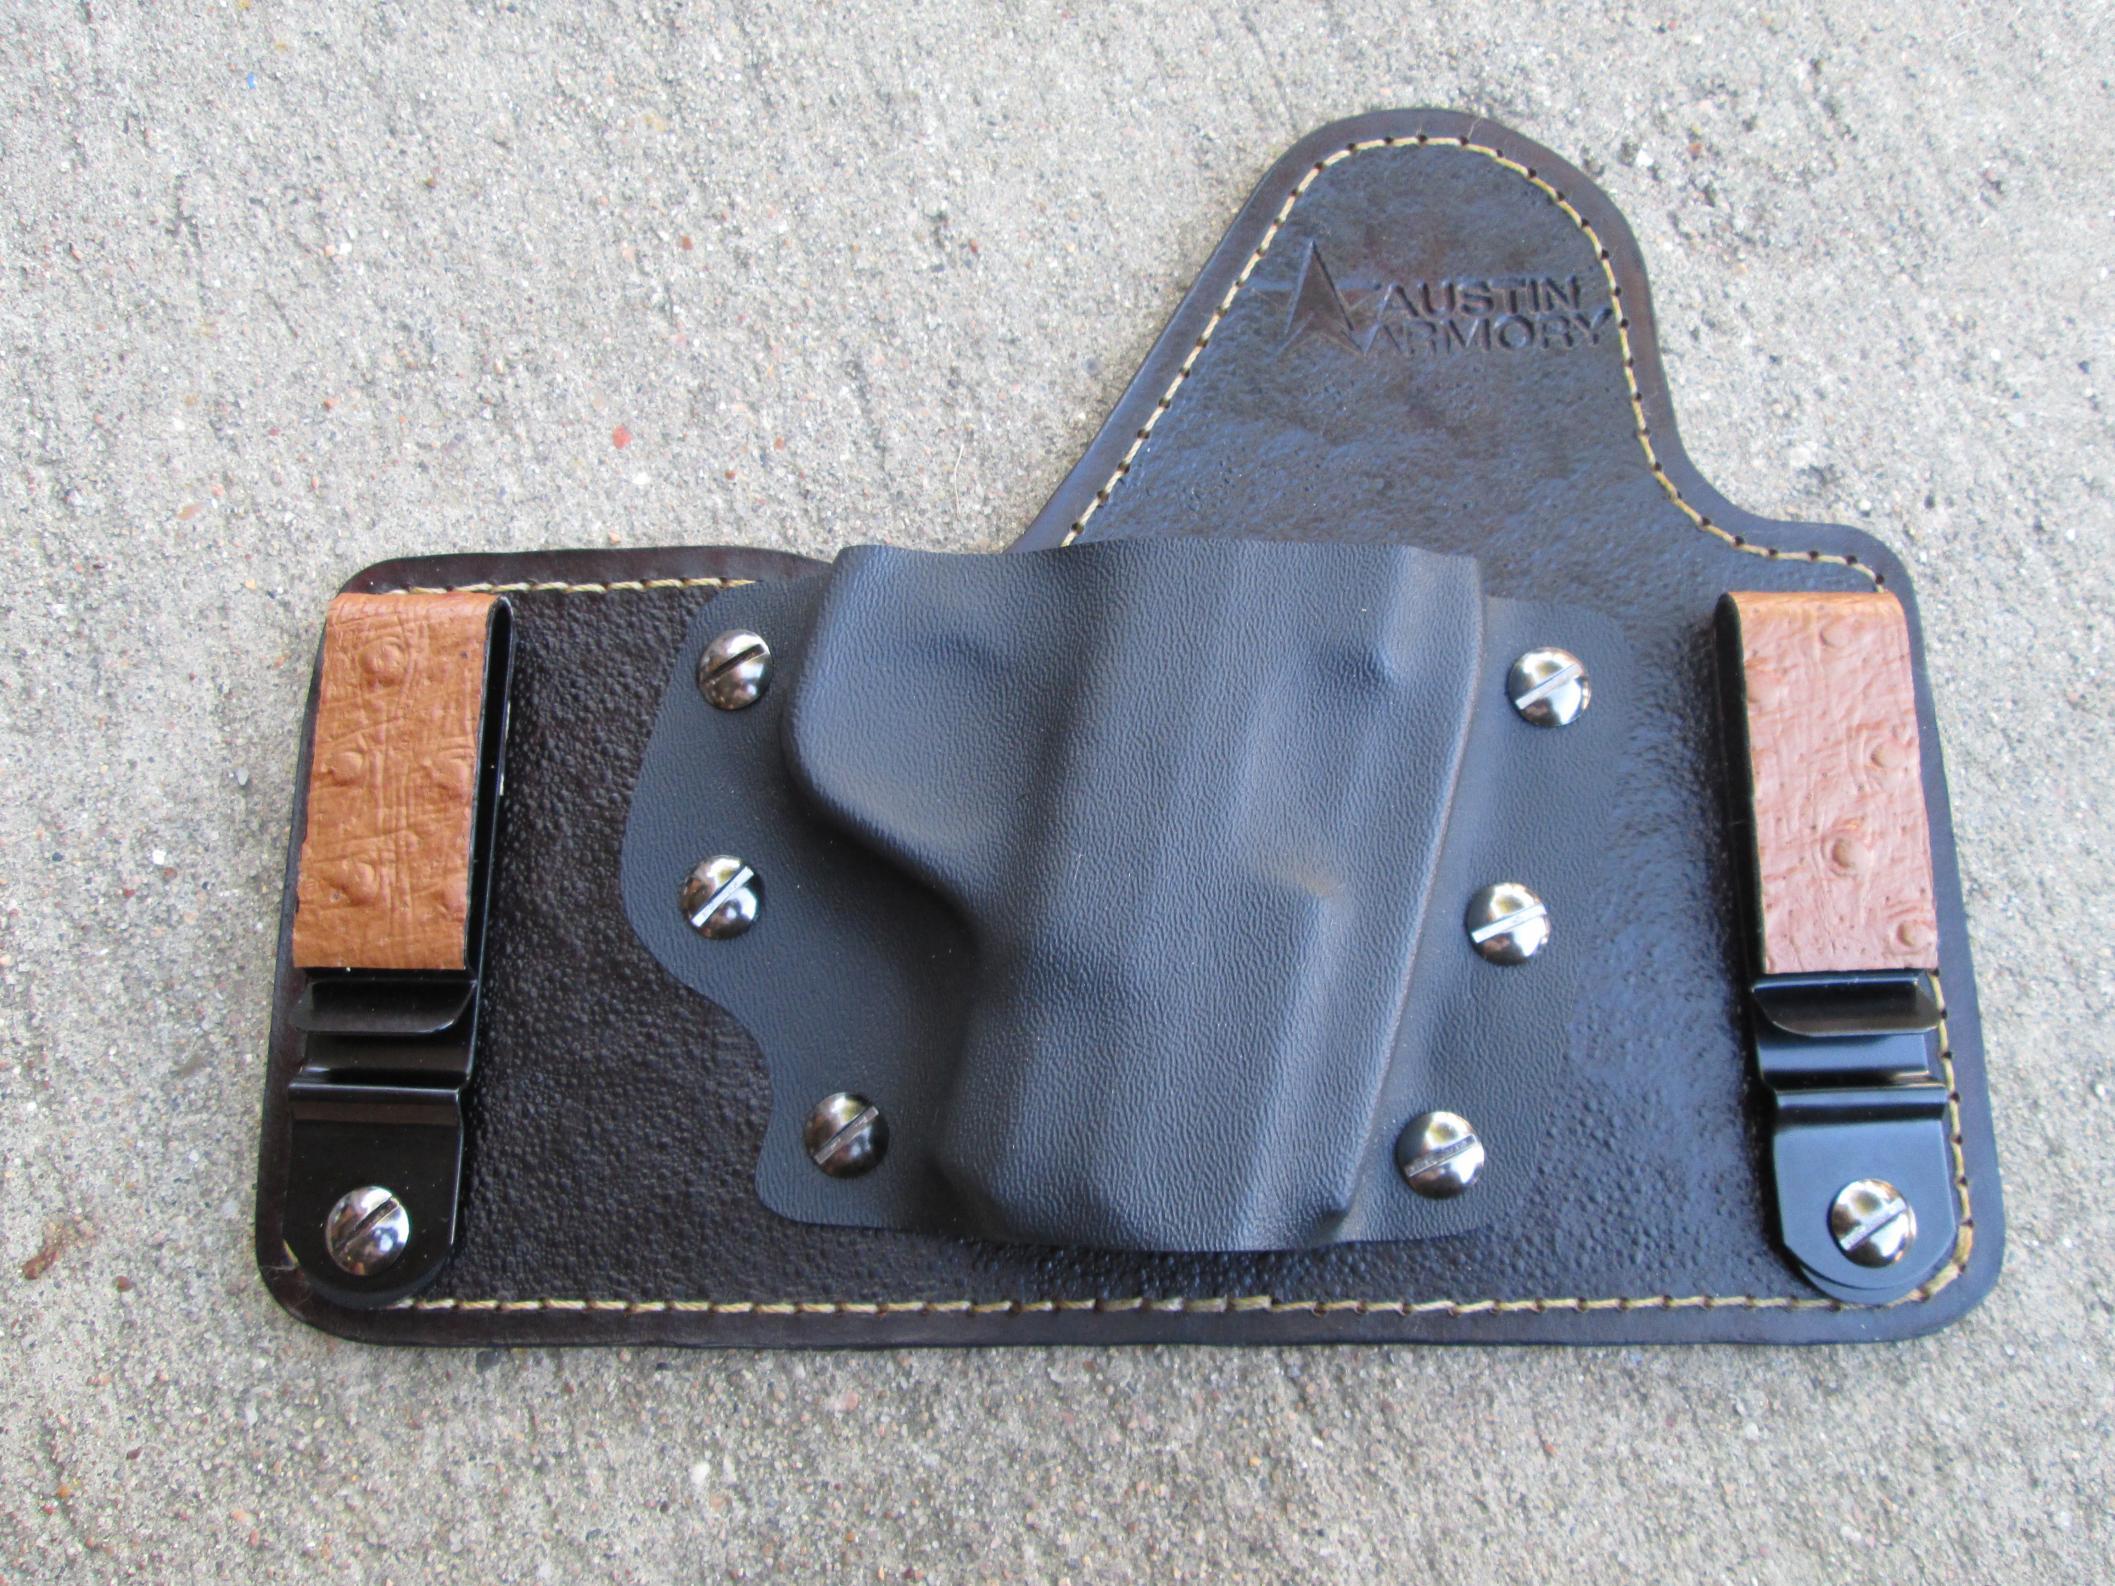 New Holster Options for 2014-iwb-custom-holster-carry-004.jpg